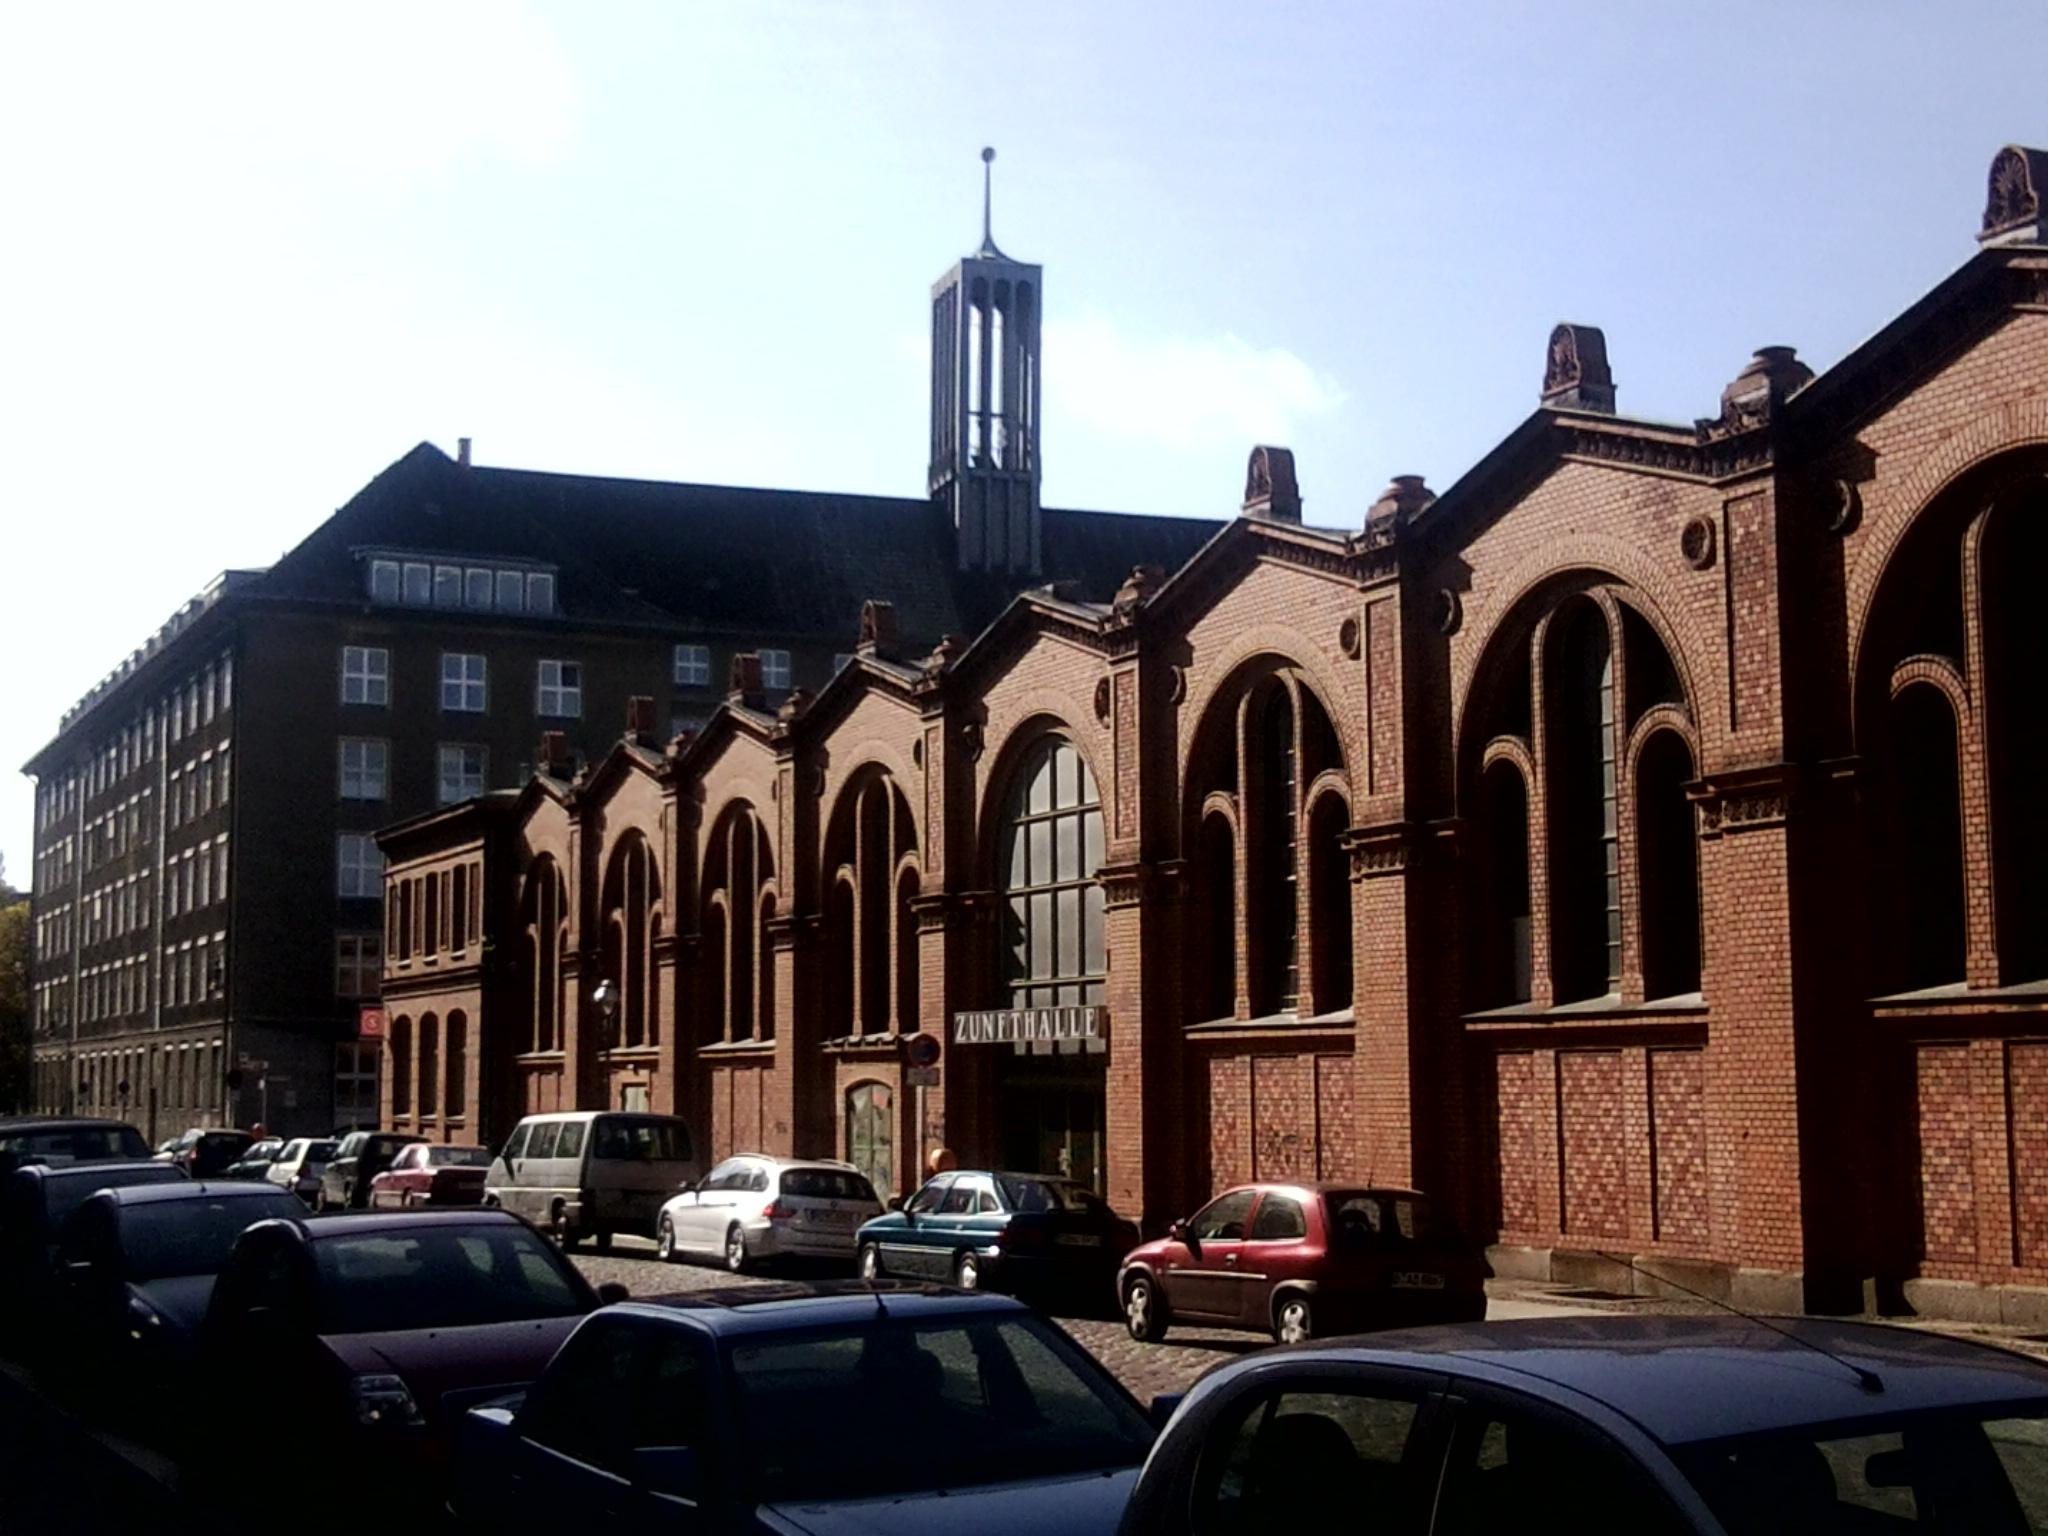 Rathaus Tiergarten, davor die Markthalle